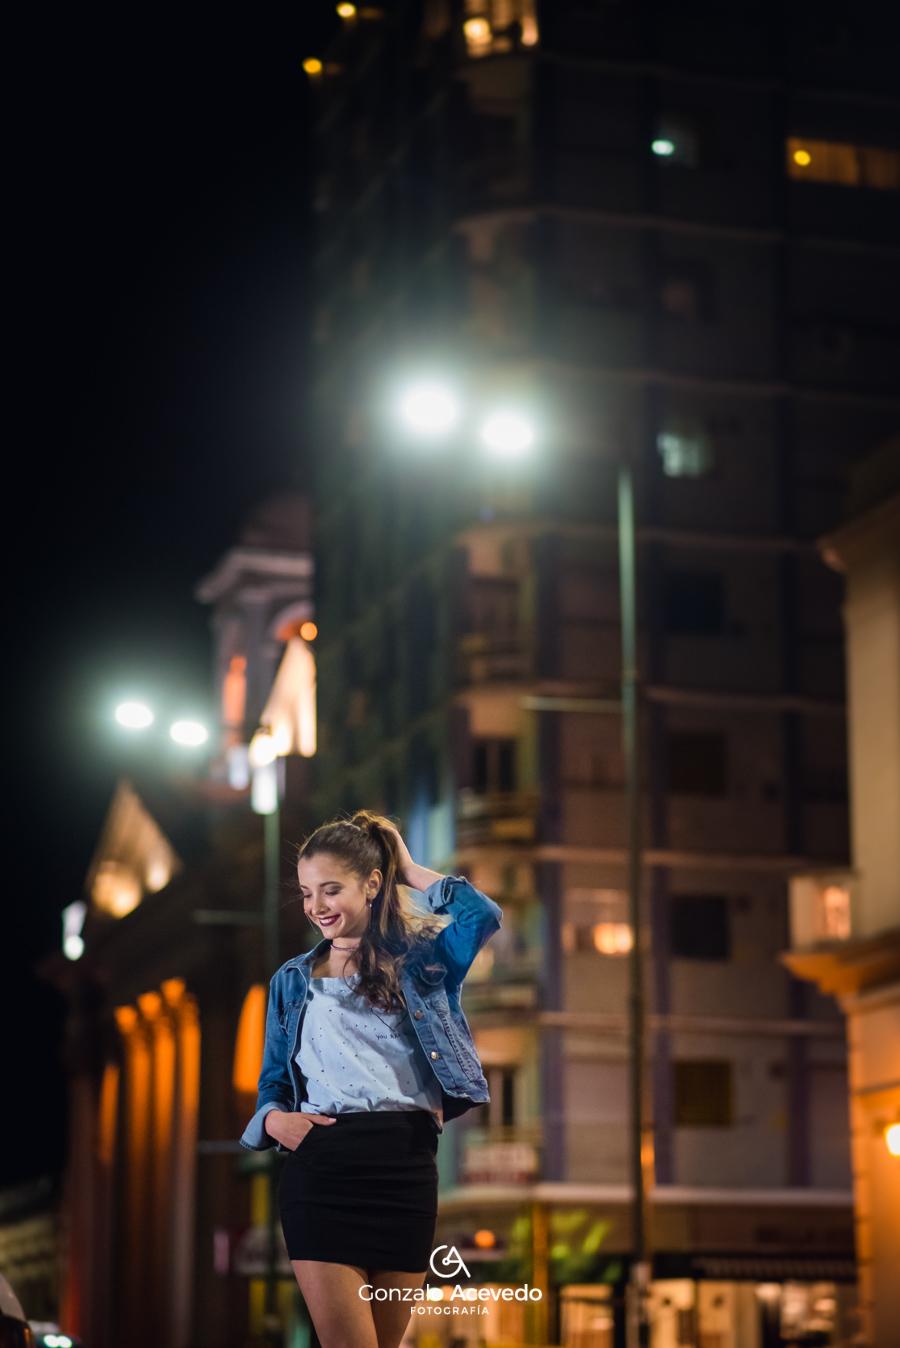 Lara book de 15 verano colorido urbano night ciudad boho ideas originales genial  #gonzaloacevedofotografia gonzalo acevedo